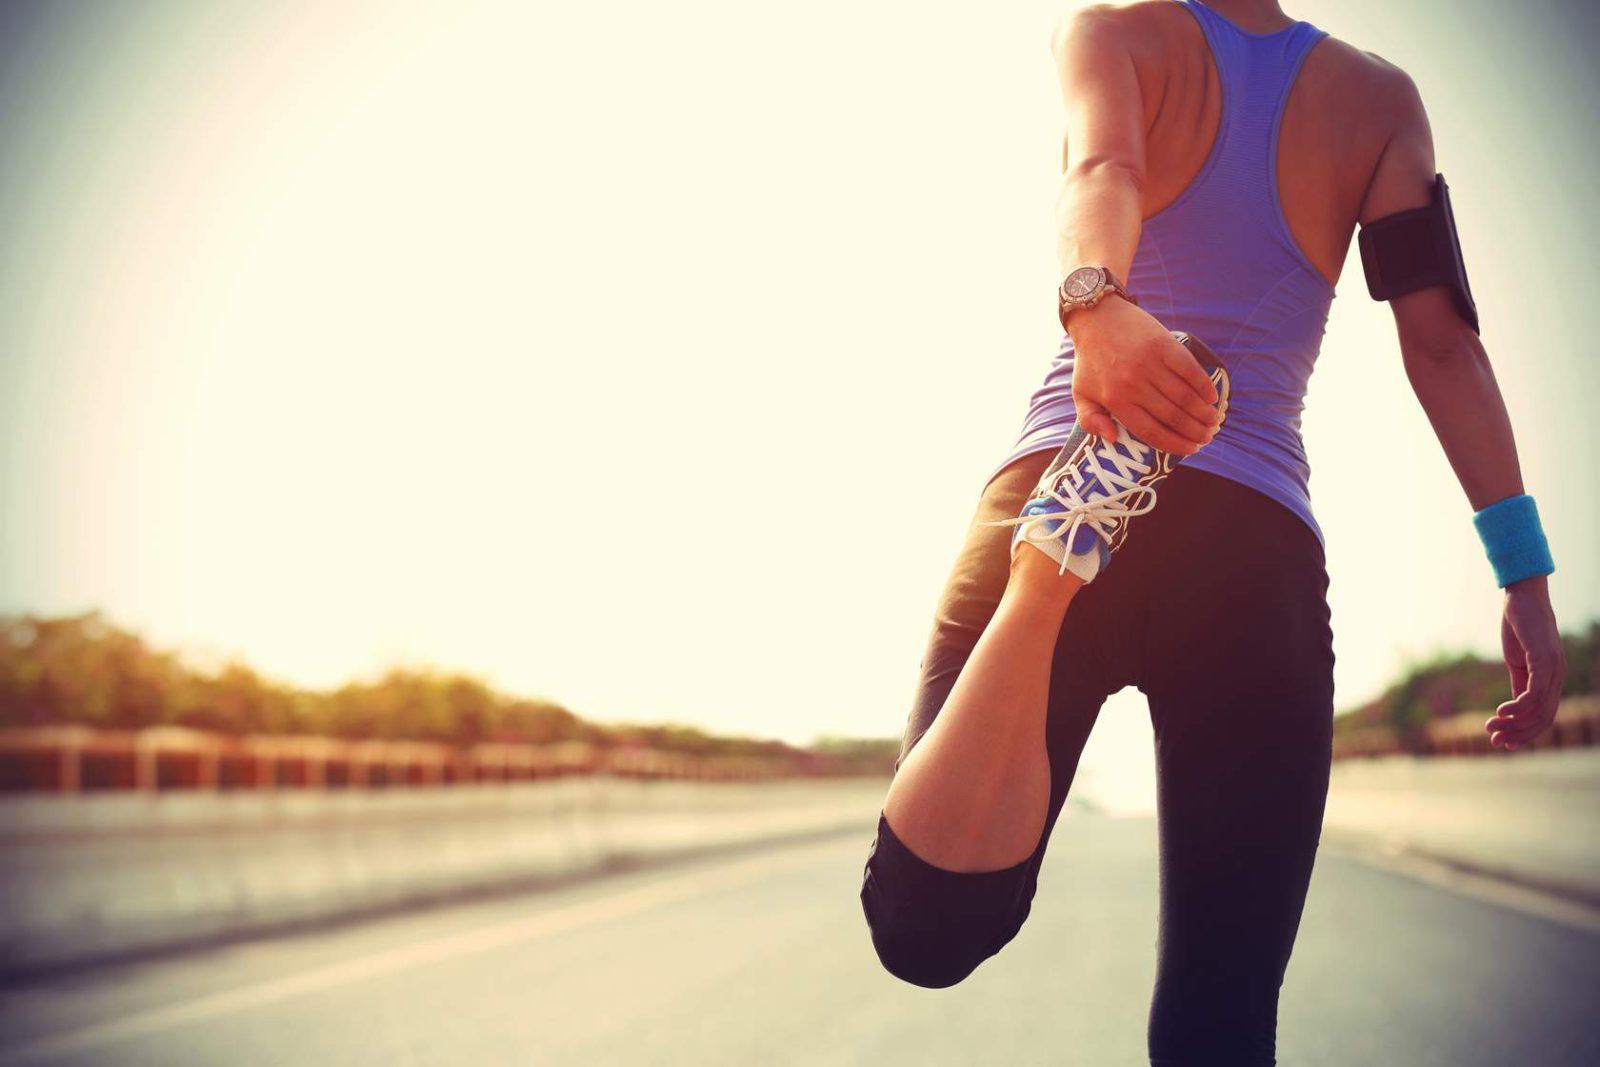 Введение в здоровый образ жизни - спорт